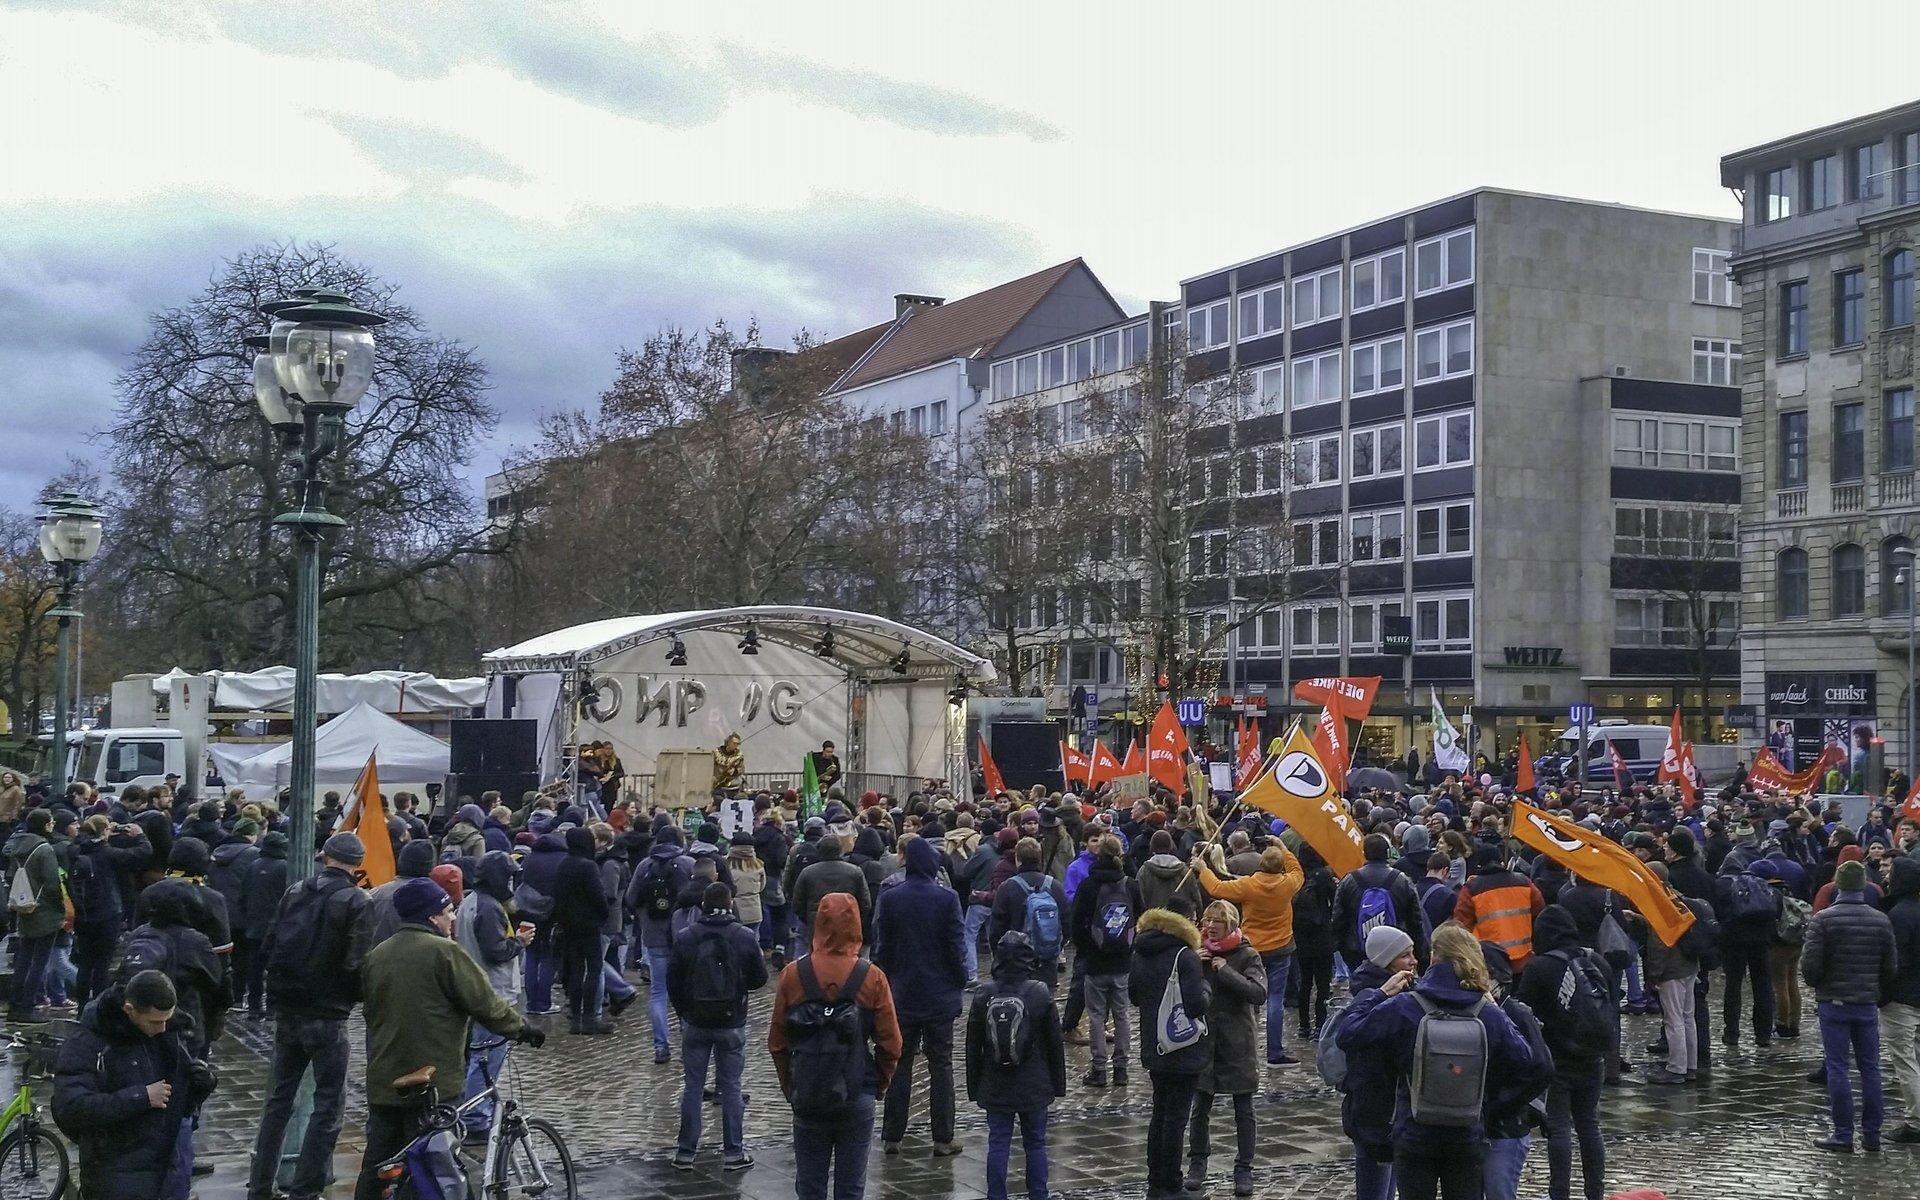 Abschlusskundgebung mit Musik auf dem Opernplatz